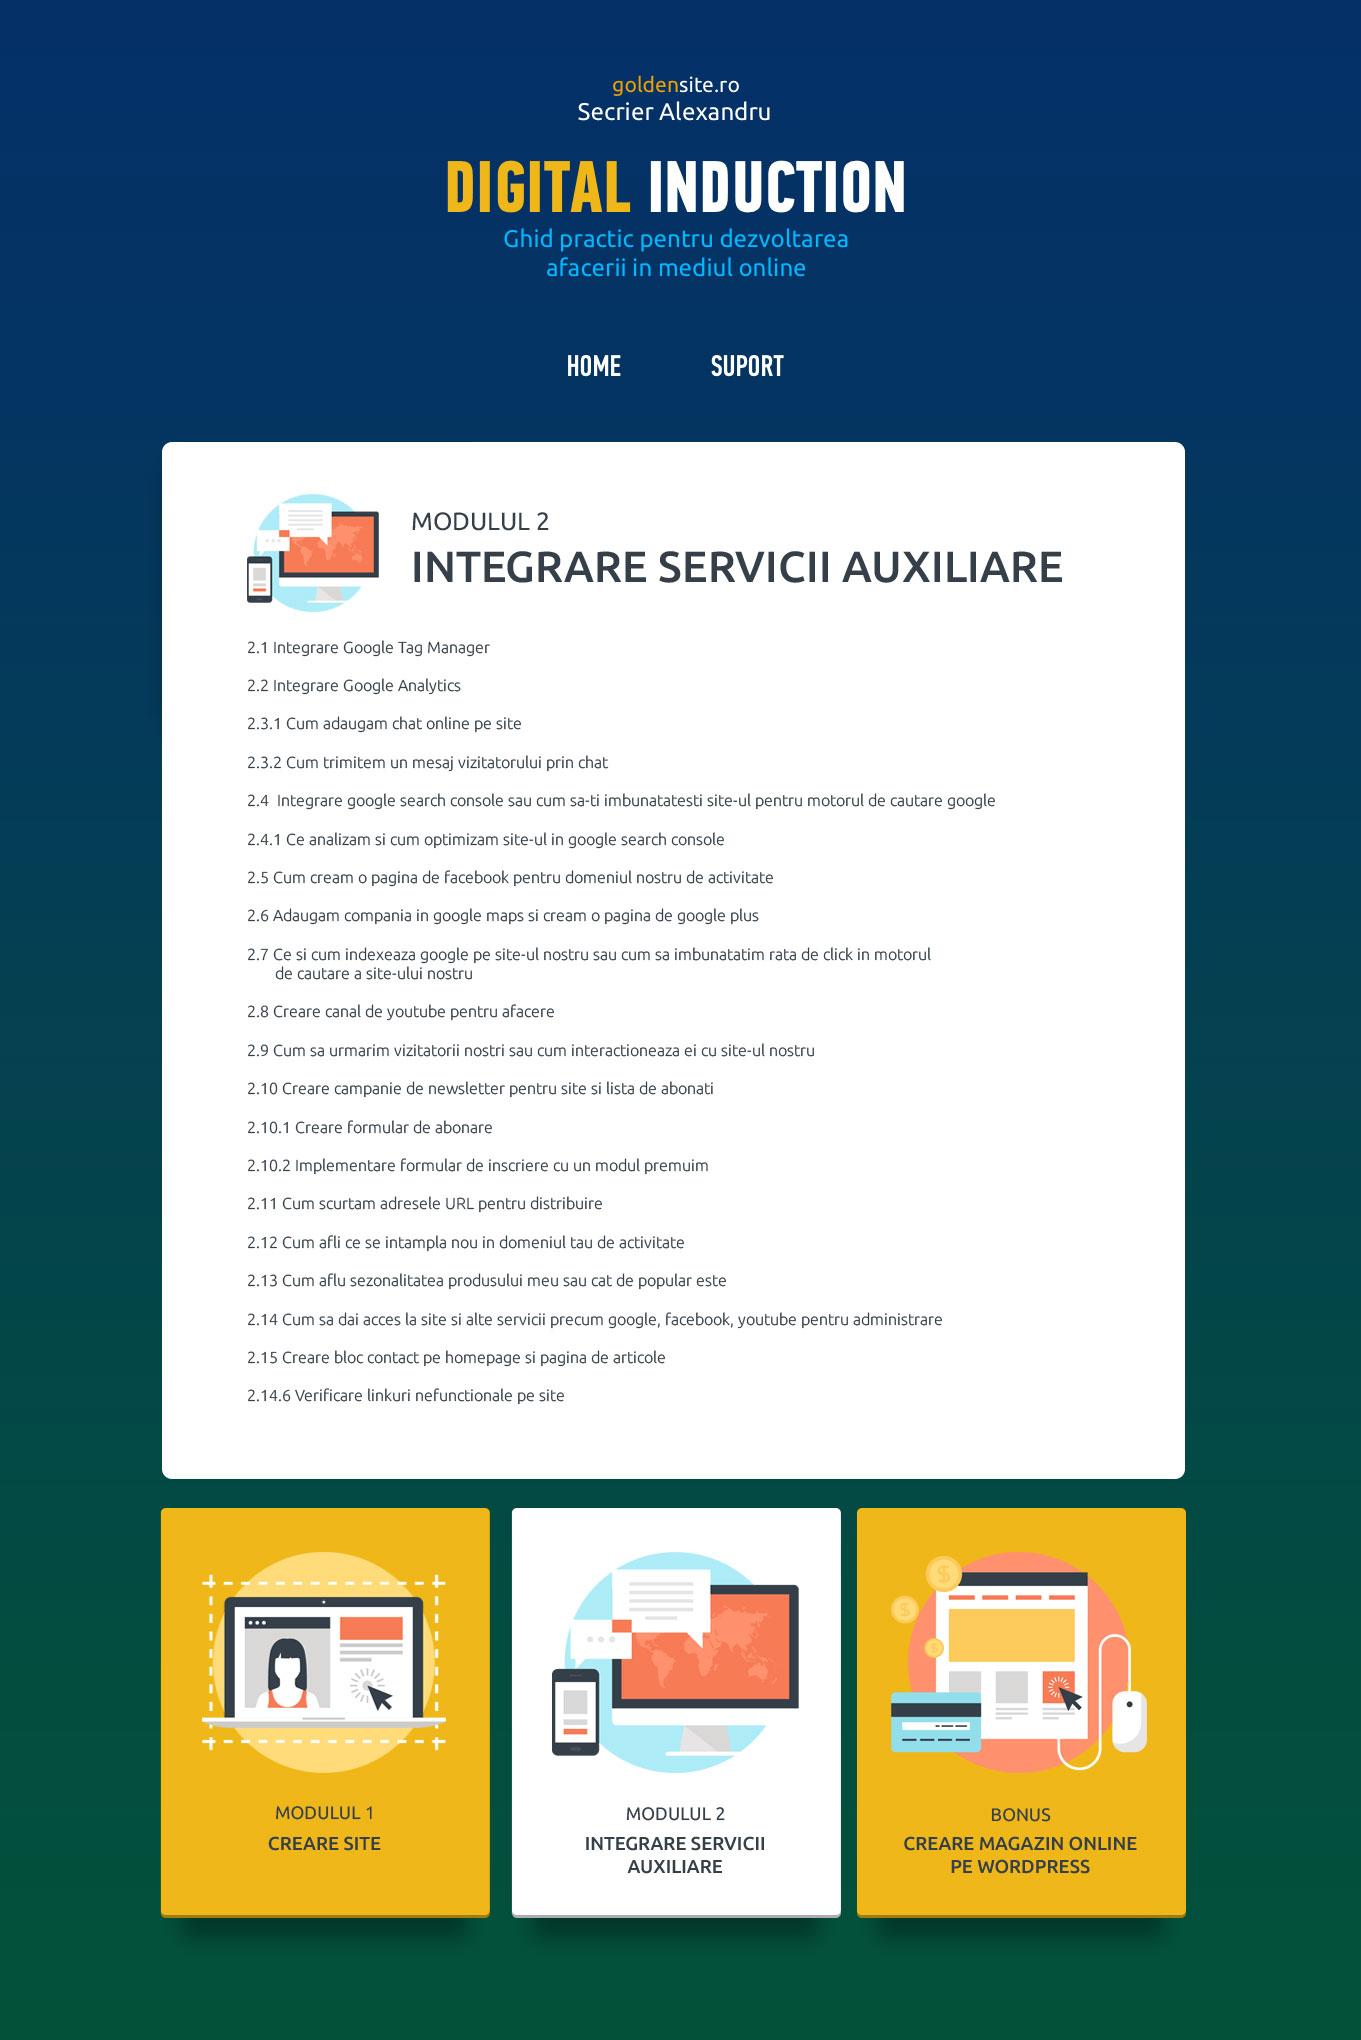 Modulul 2 - Integrare Servicii Auxiliare